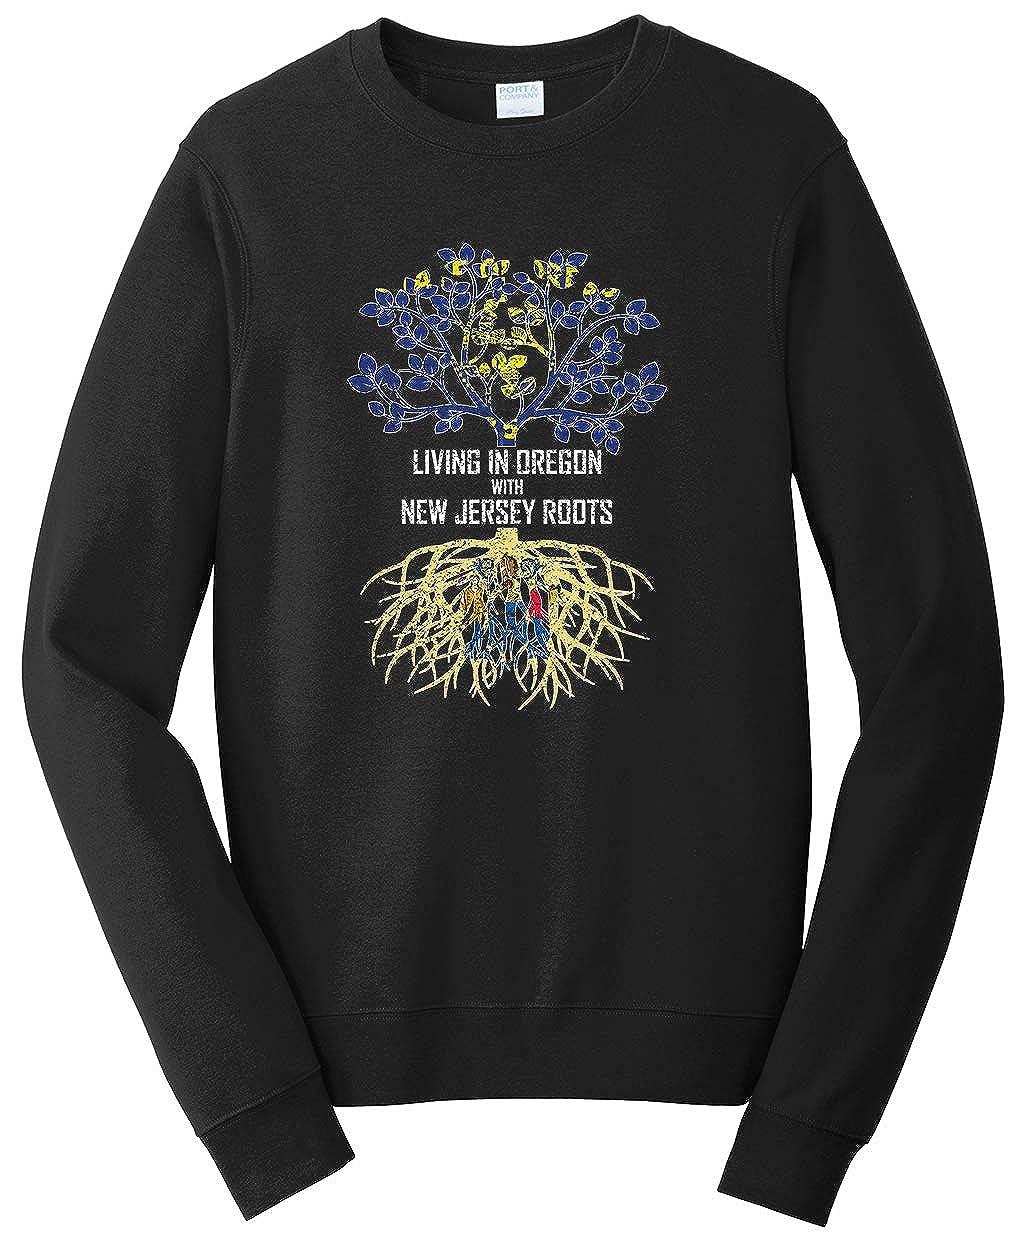 Tenacitee Unisex Living in Oregon Jersey Roots Sweatshirt